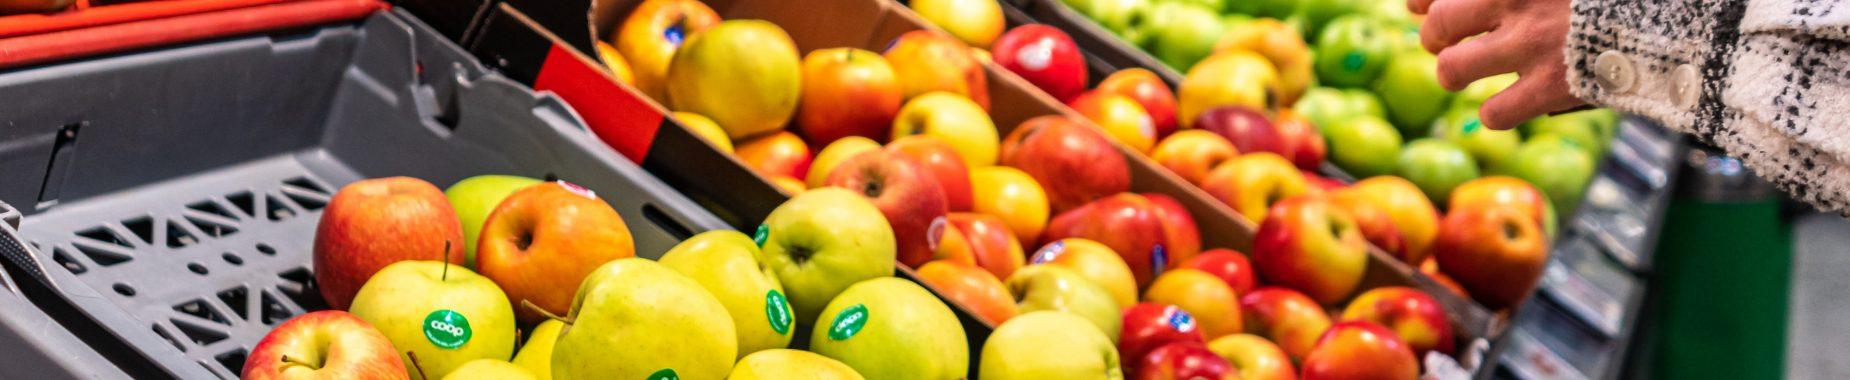 Frugt og grønt i et supermarked